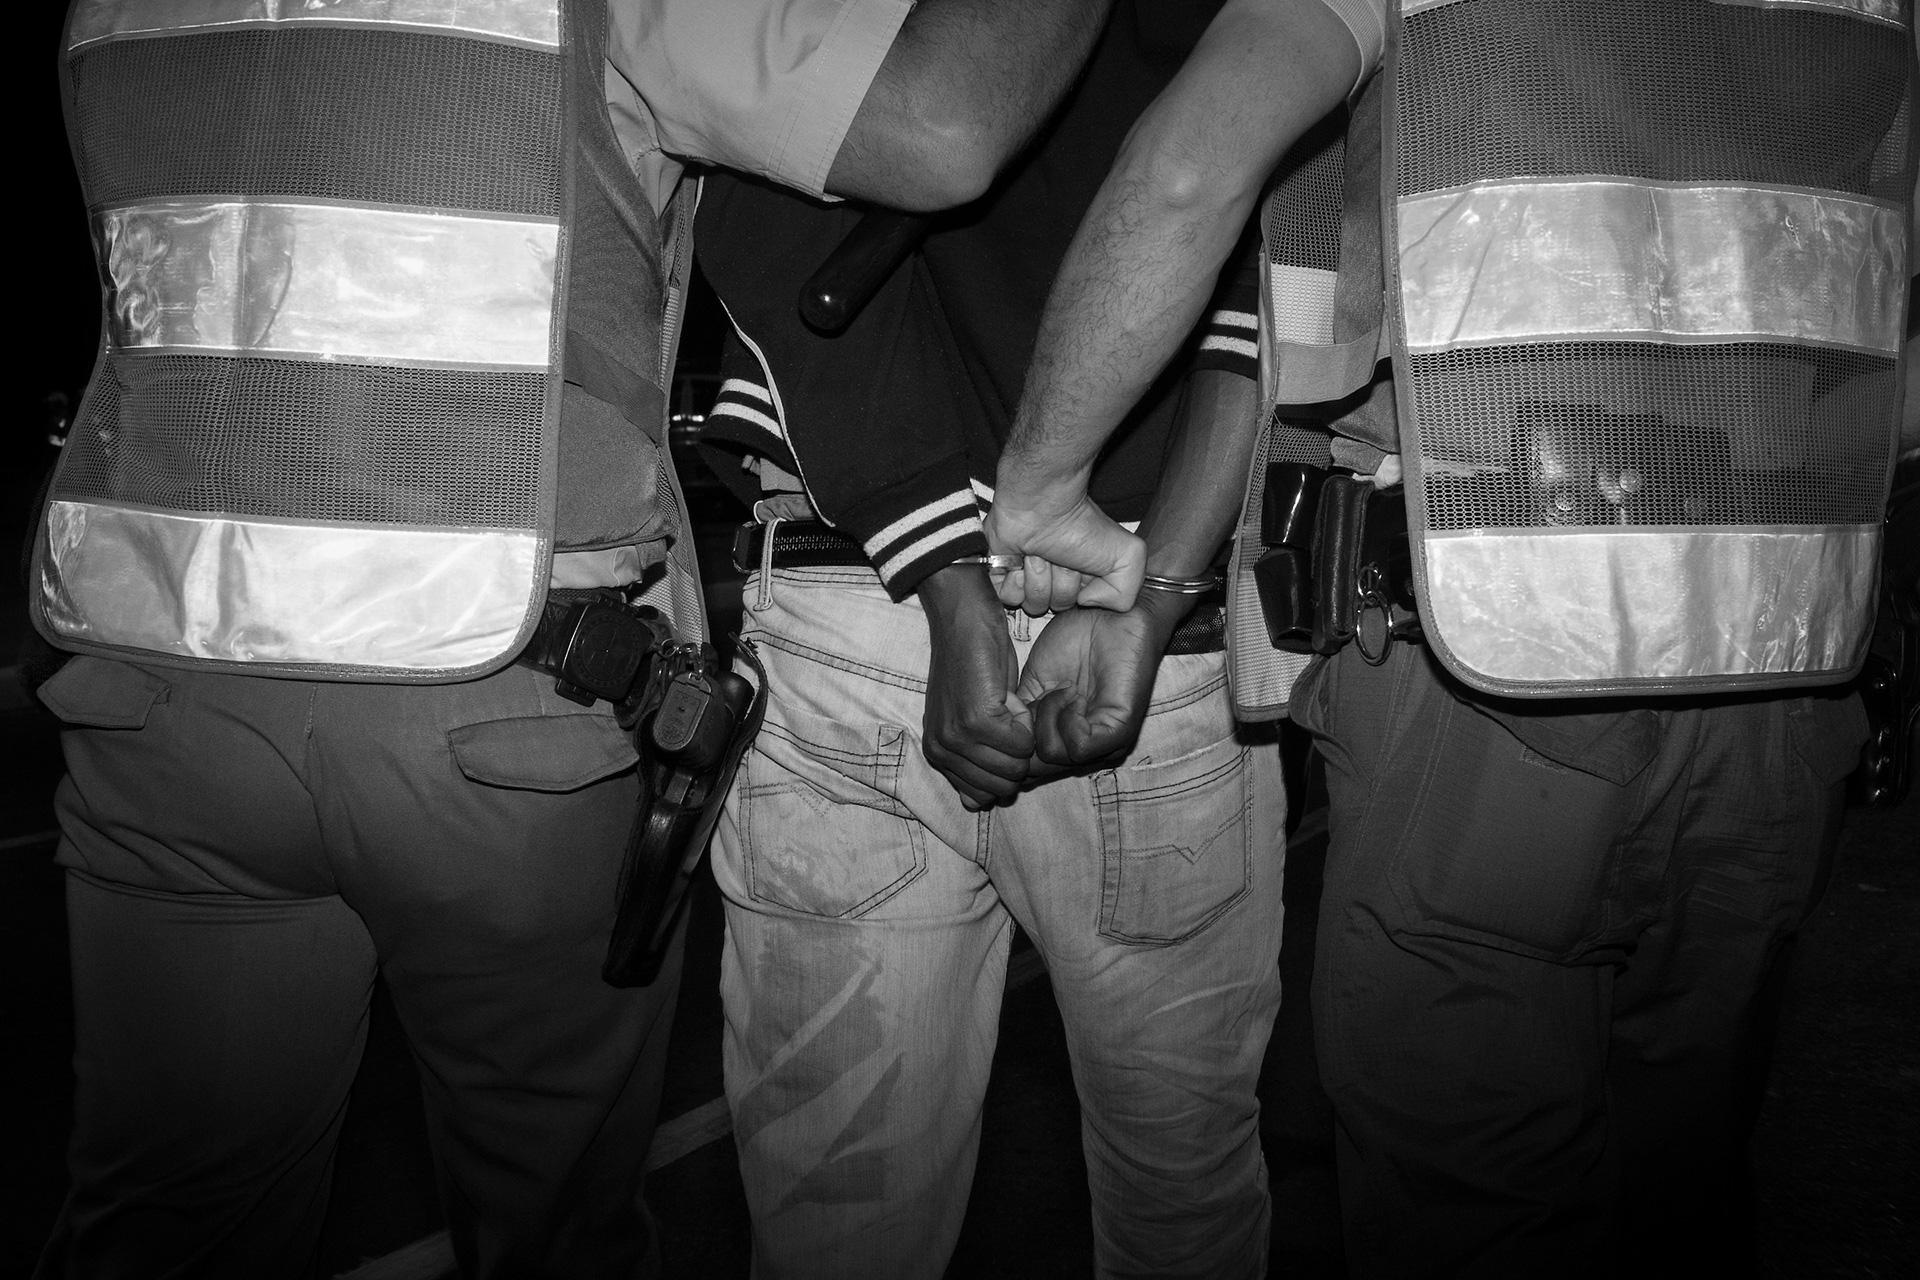 São Paulo, Brazil, junho de 2013: 50 mil manifestantes ocuparam os lugares mais importantes da cidade. Eles protestavam contra o aumento da tarifa do transporte pública. Esta terça-feira ficou marcada como um dia de extrema violência e vandalismo no centro da cidade, próximo à Prefeitura. Esta foto foi feita na Avenida Paulista.